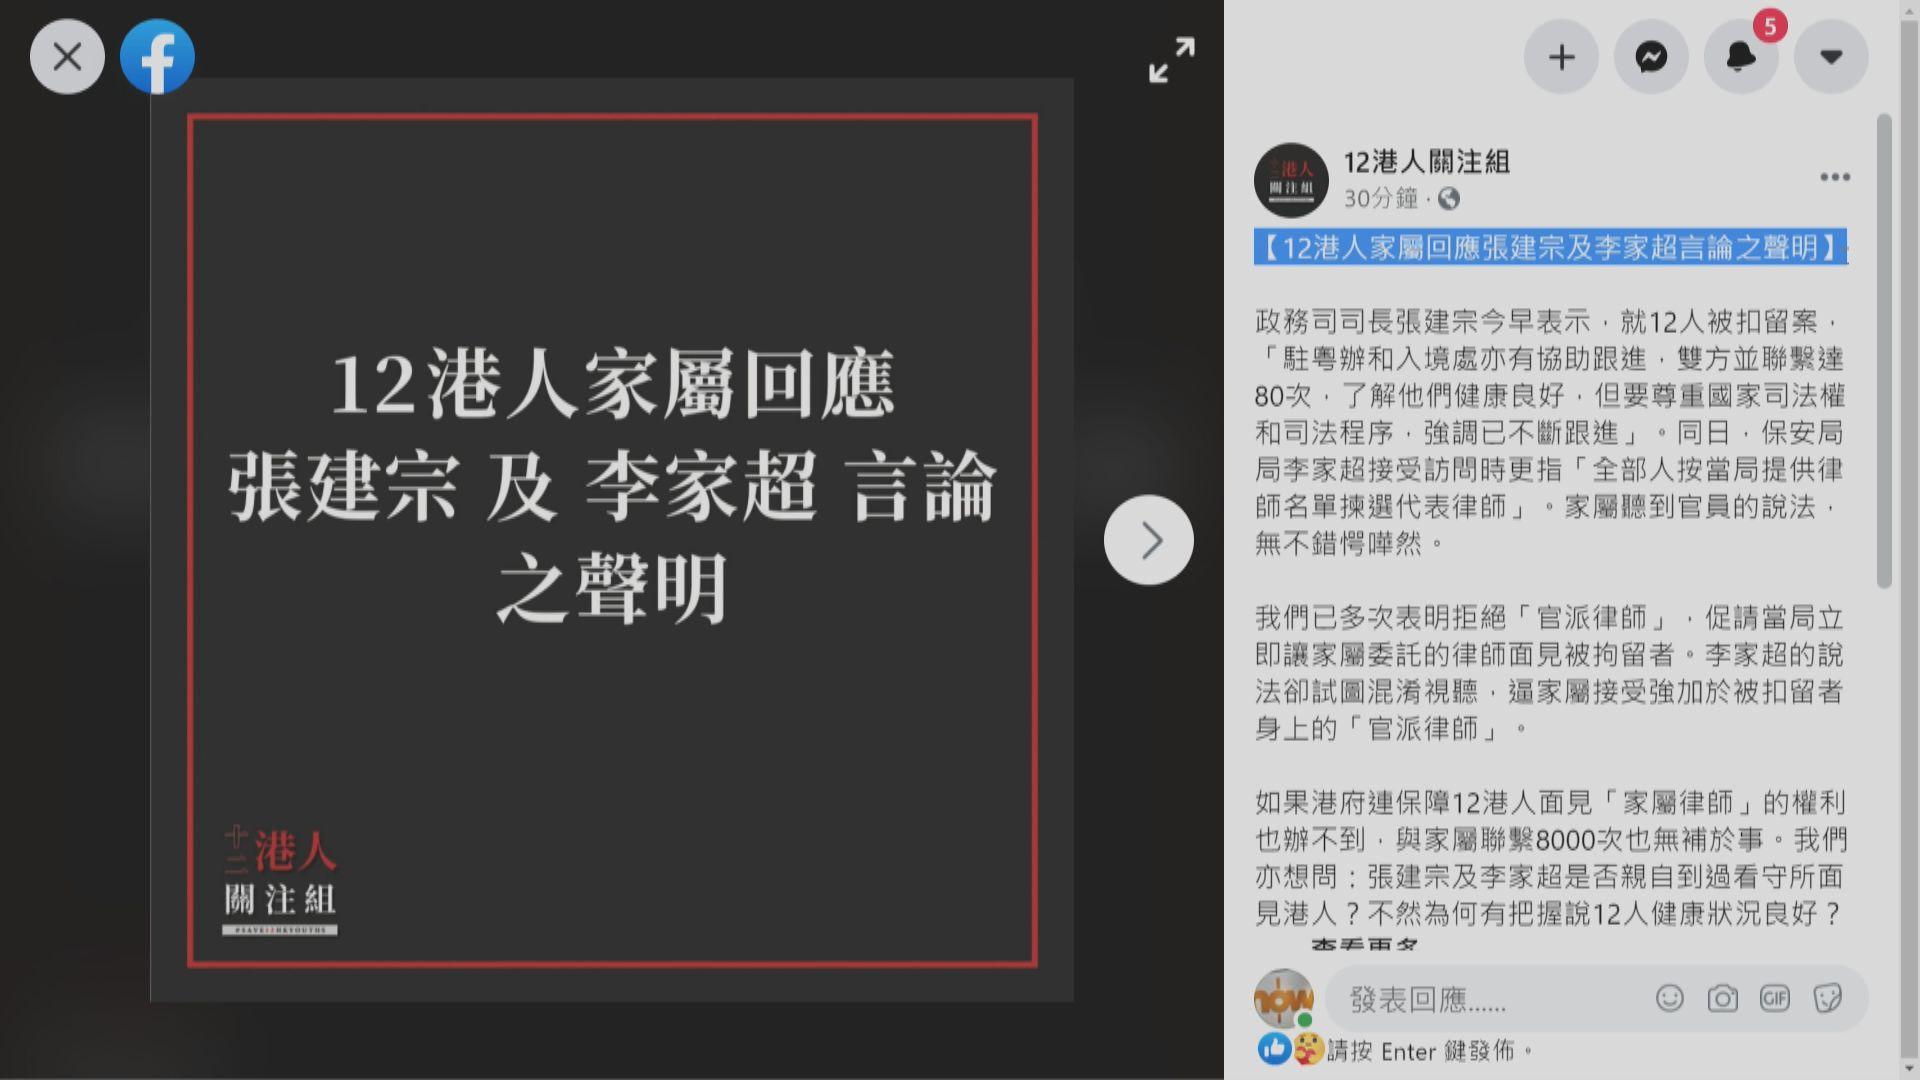 12港人家屬聲明:對官員說法感錯愕嘩然 批聯繫八千次也無補於事